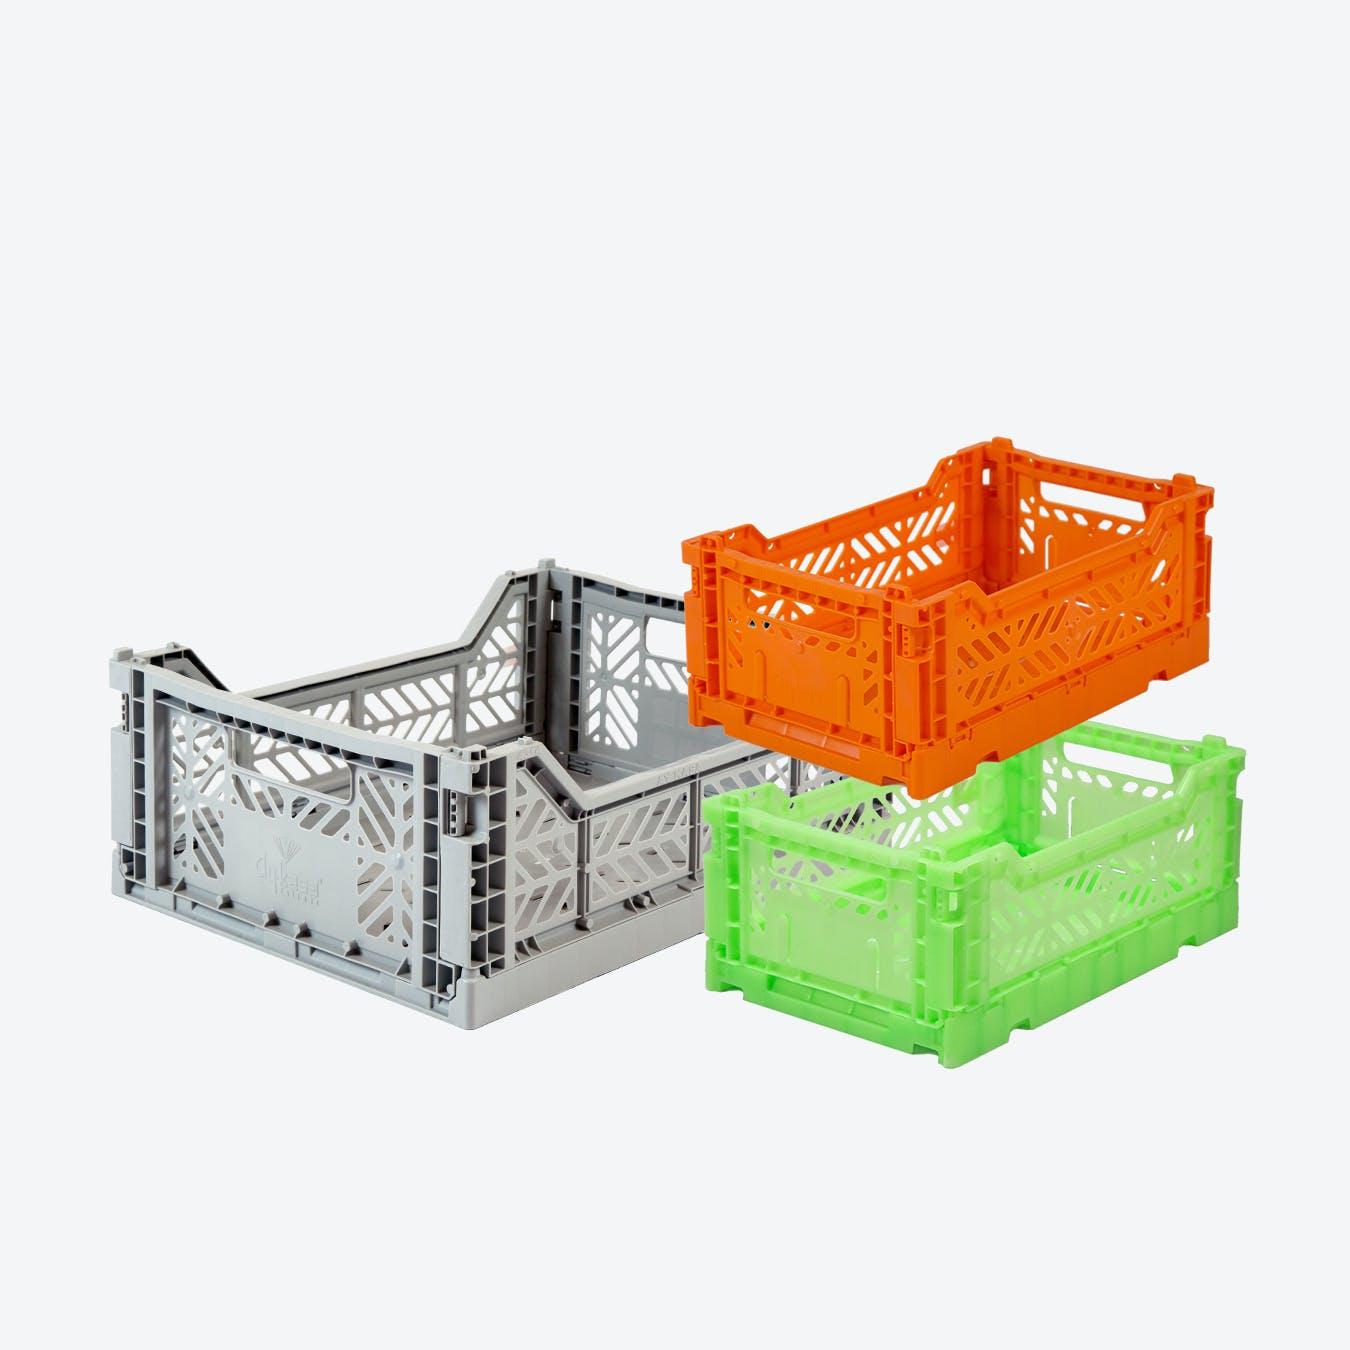 Mini in Orange & Mini in Fluorecent Green & Midi in Grey